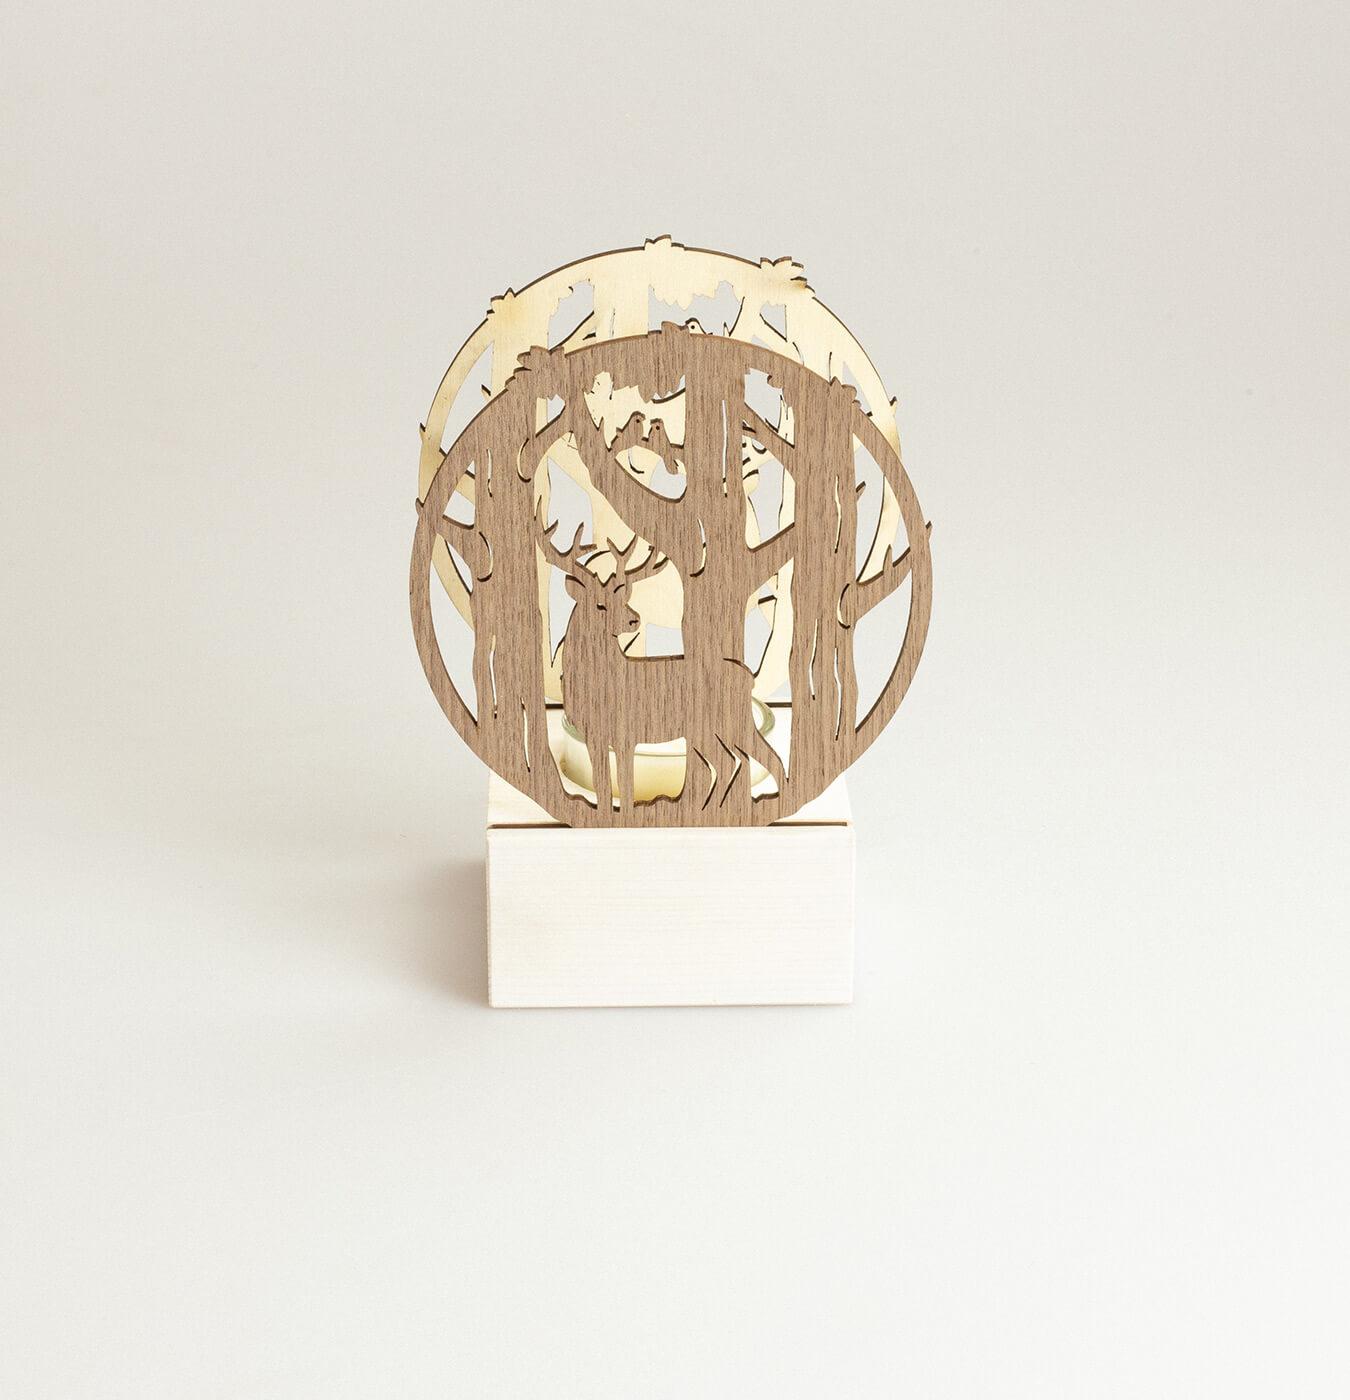 Portacandela in legno con candelina.